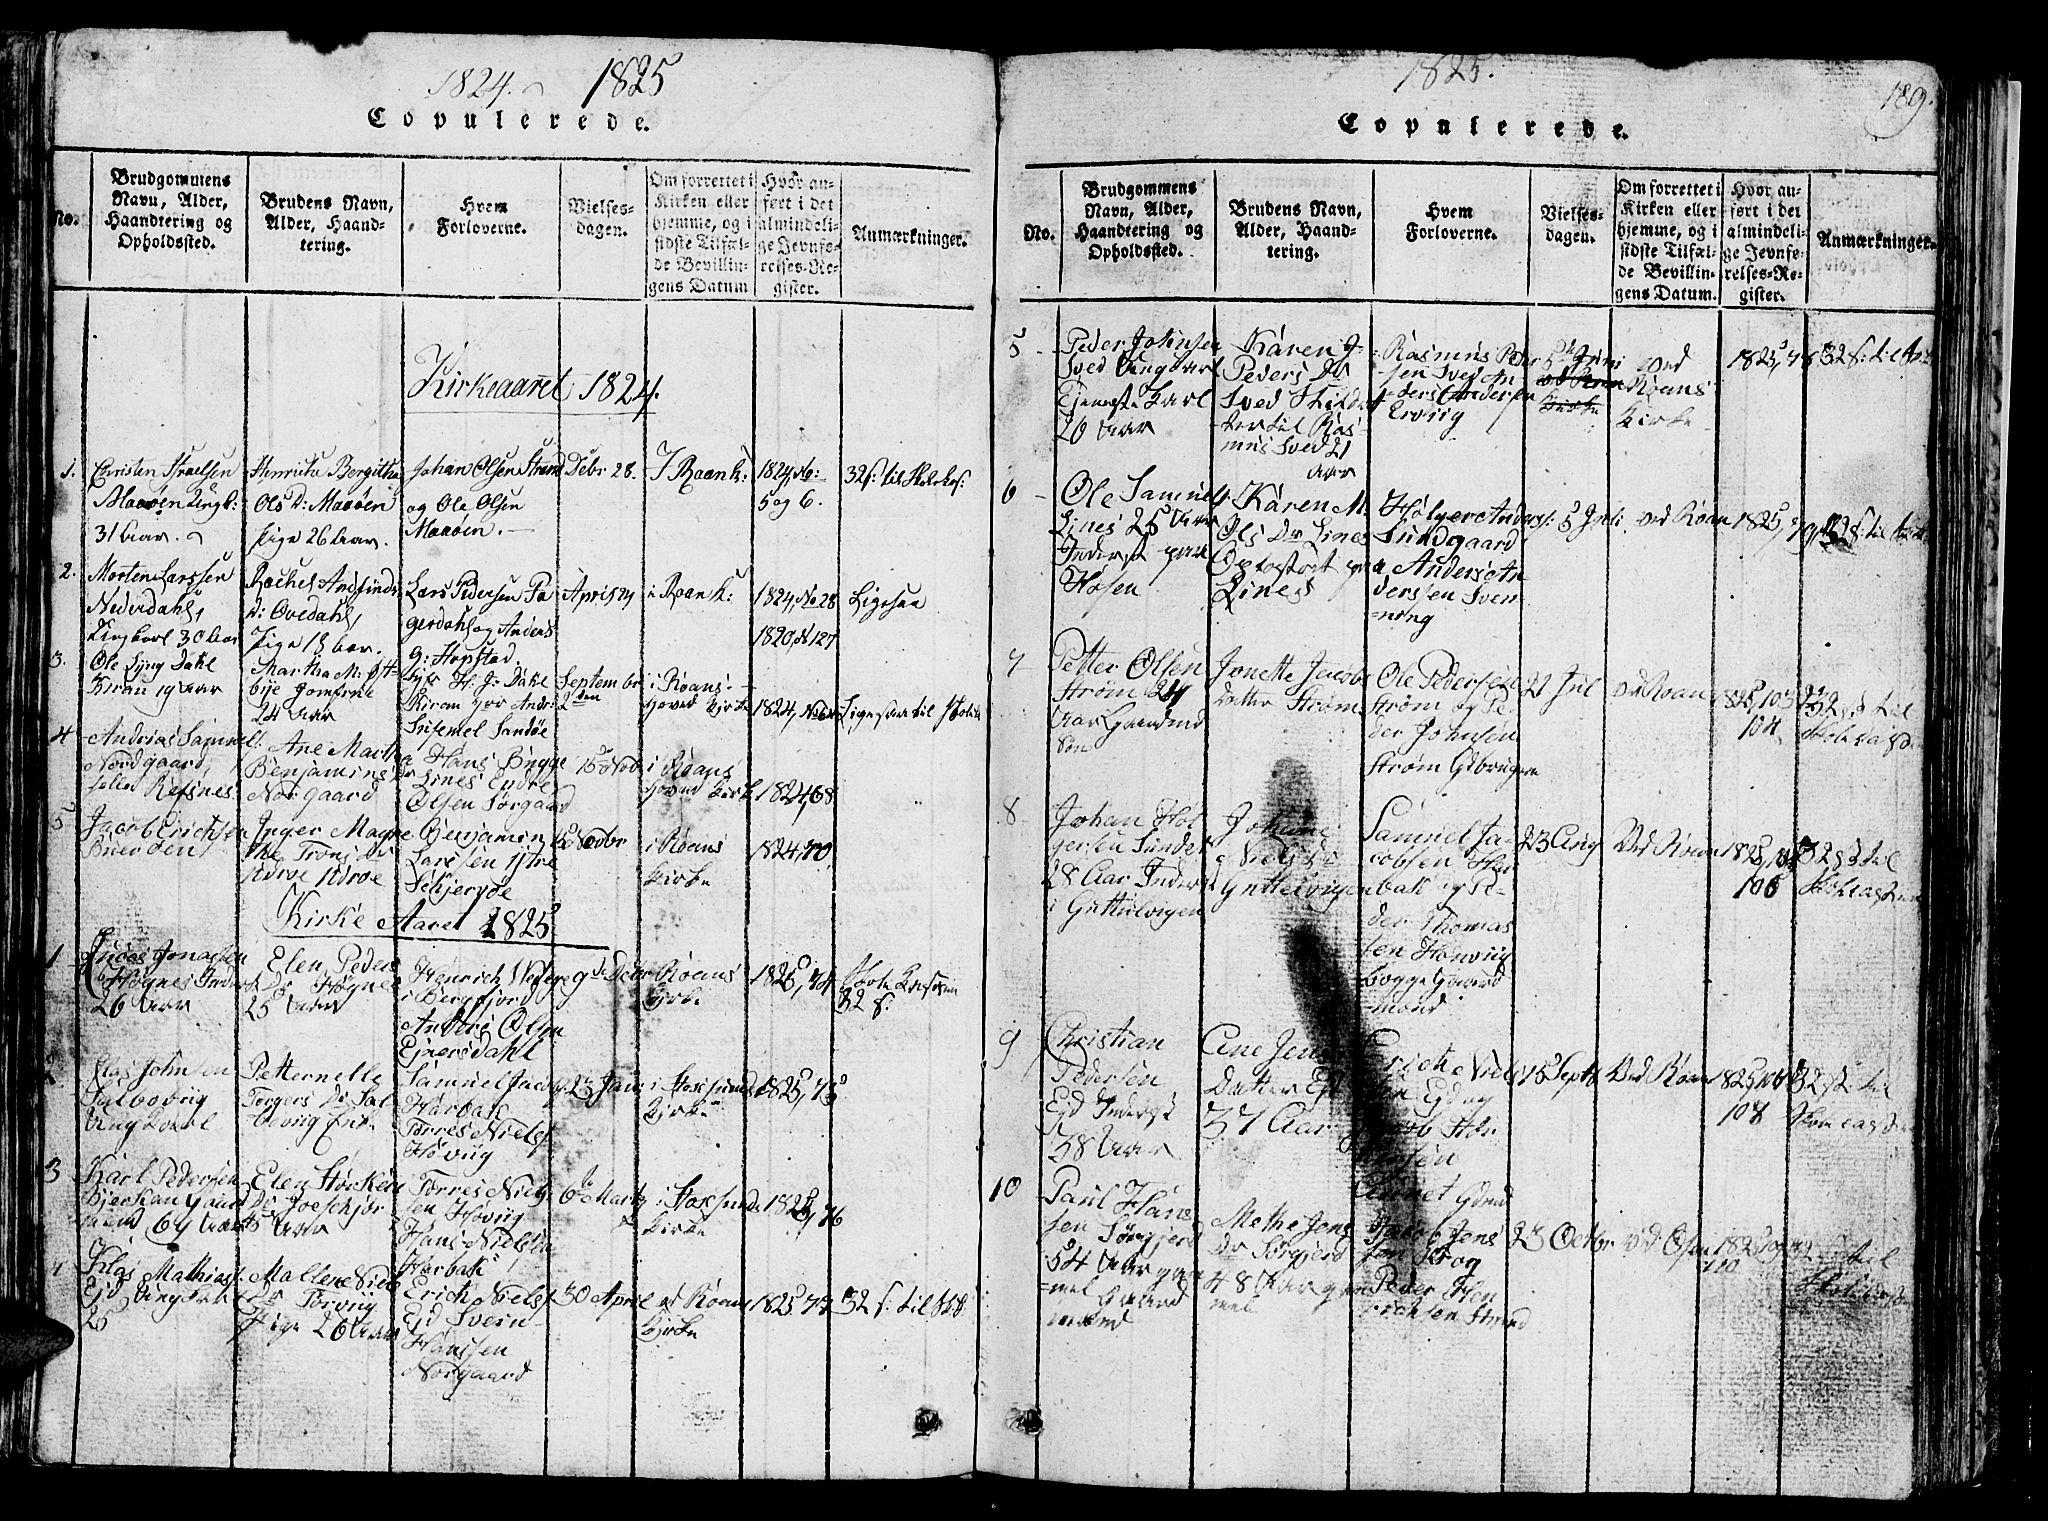 SAT, Ministerialprotokoller, klokkerbøker og fødselsregistre - Sør-Trøndelag, 657/L0714: Klokkerbok nr. 657C01, 1818-1868, s. 189